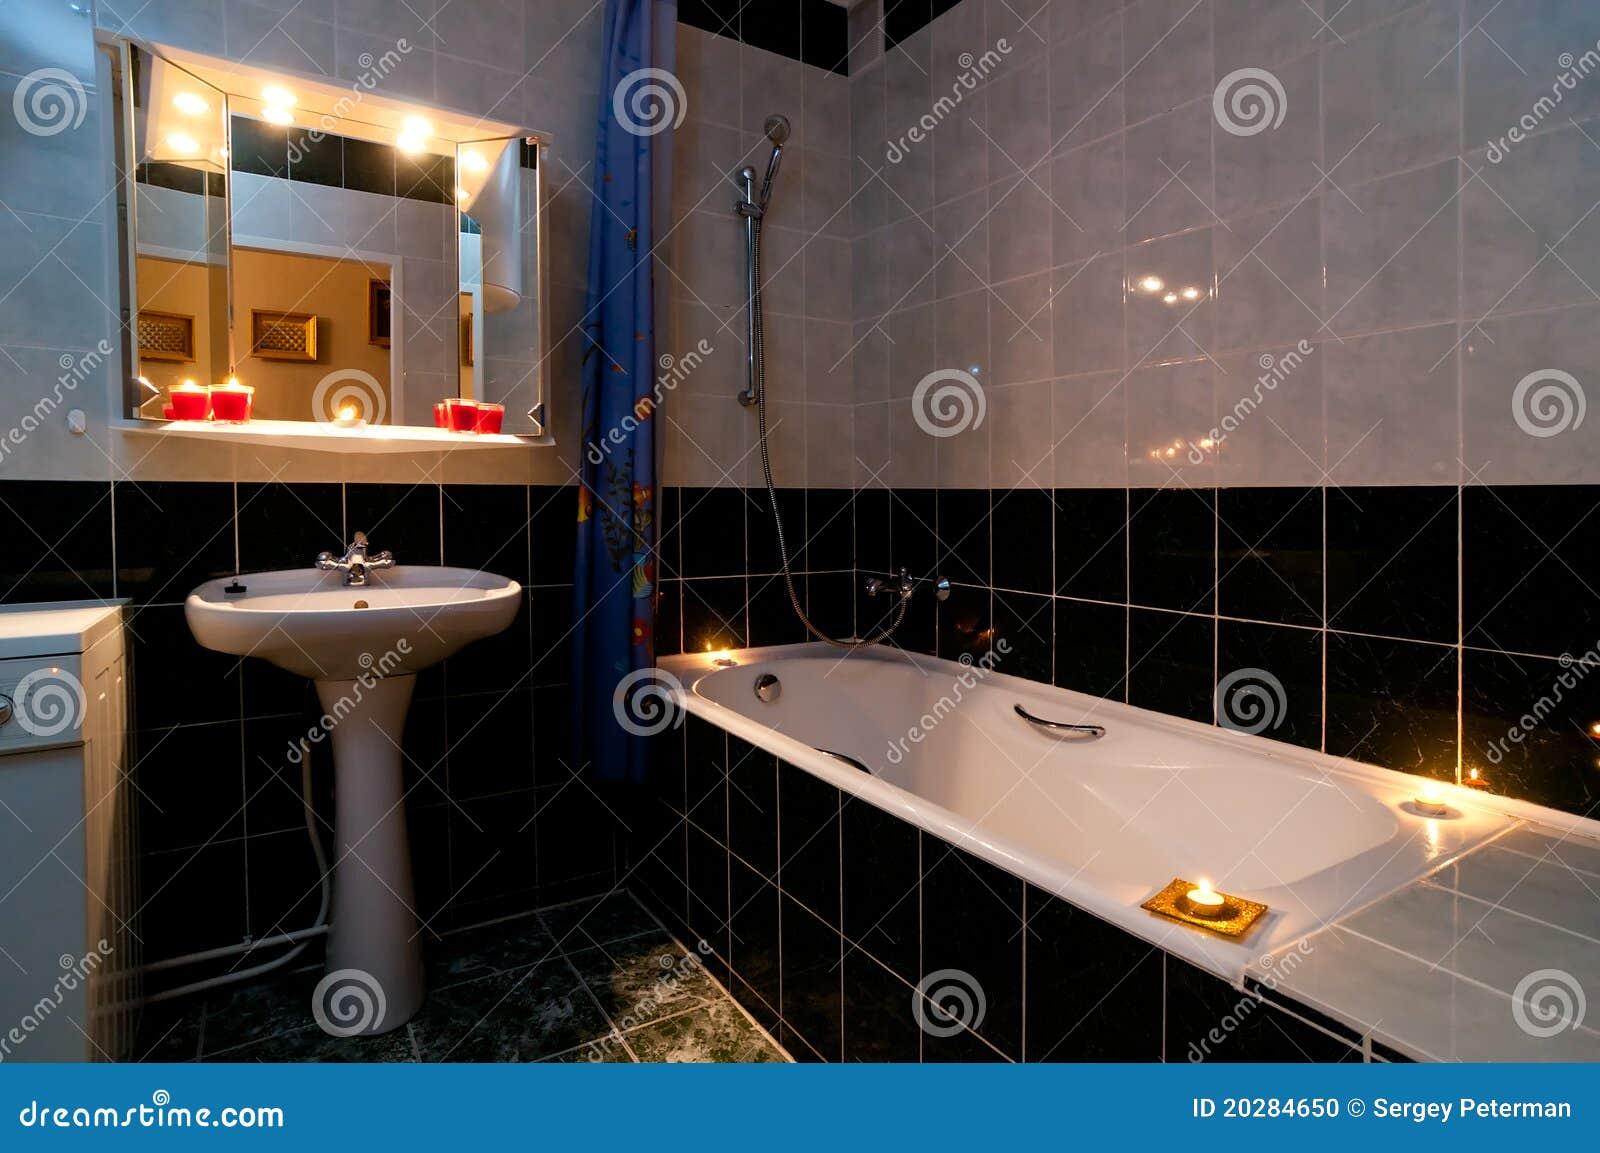 badezimmer mit kerzen stockfoto bild von gl hen bequemlichkeit 20284650. Black Bedroom Furniture Sets. Home Design Ideas